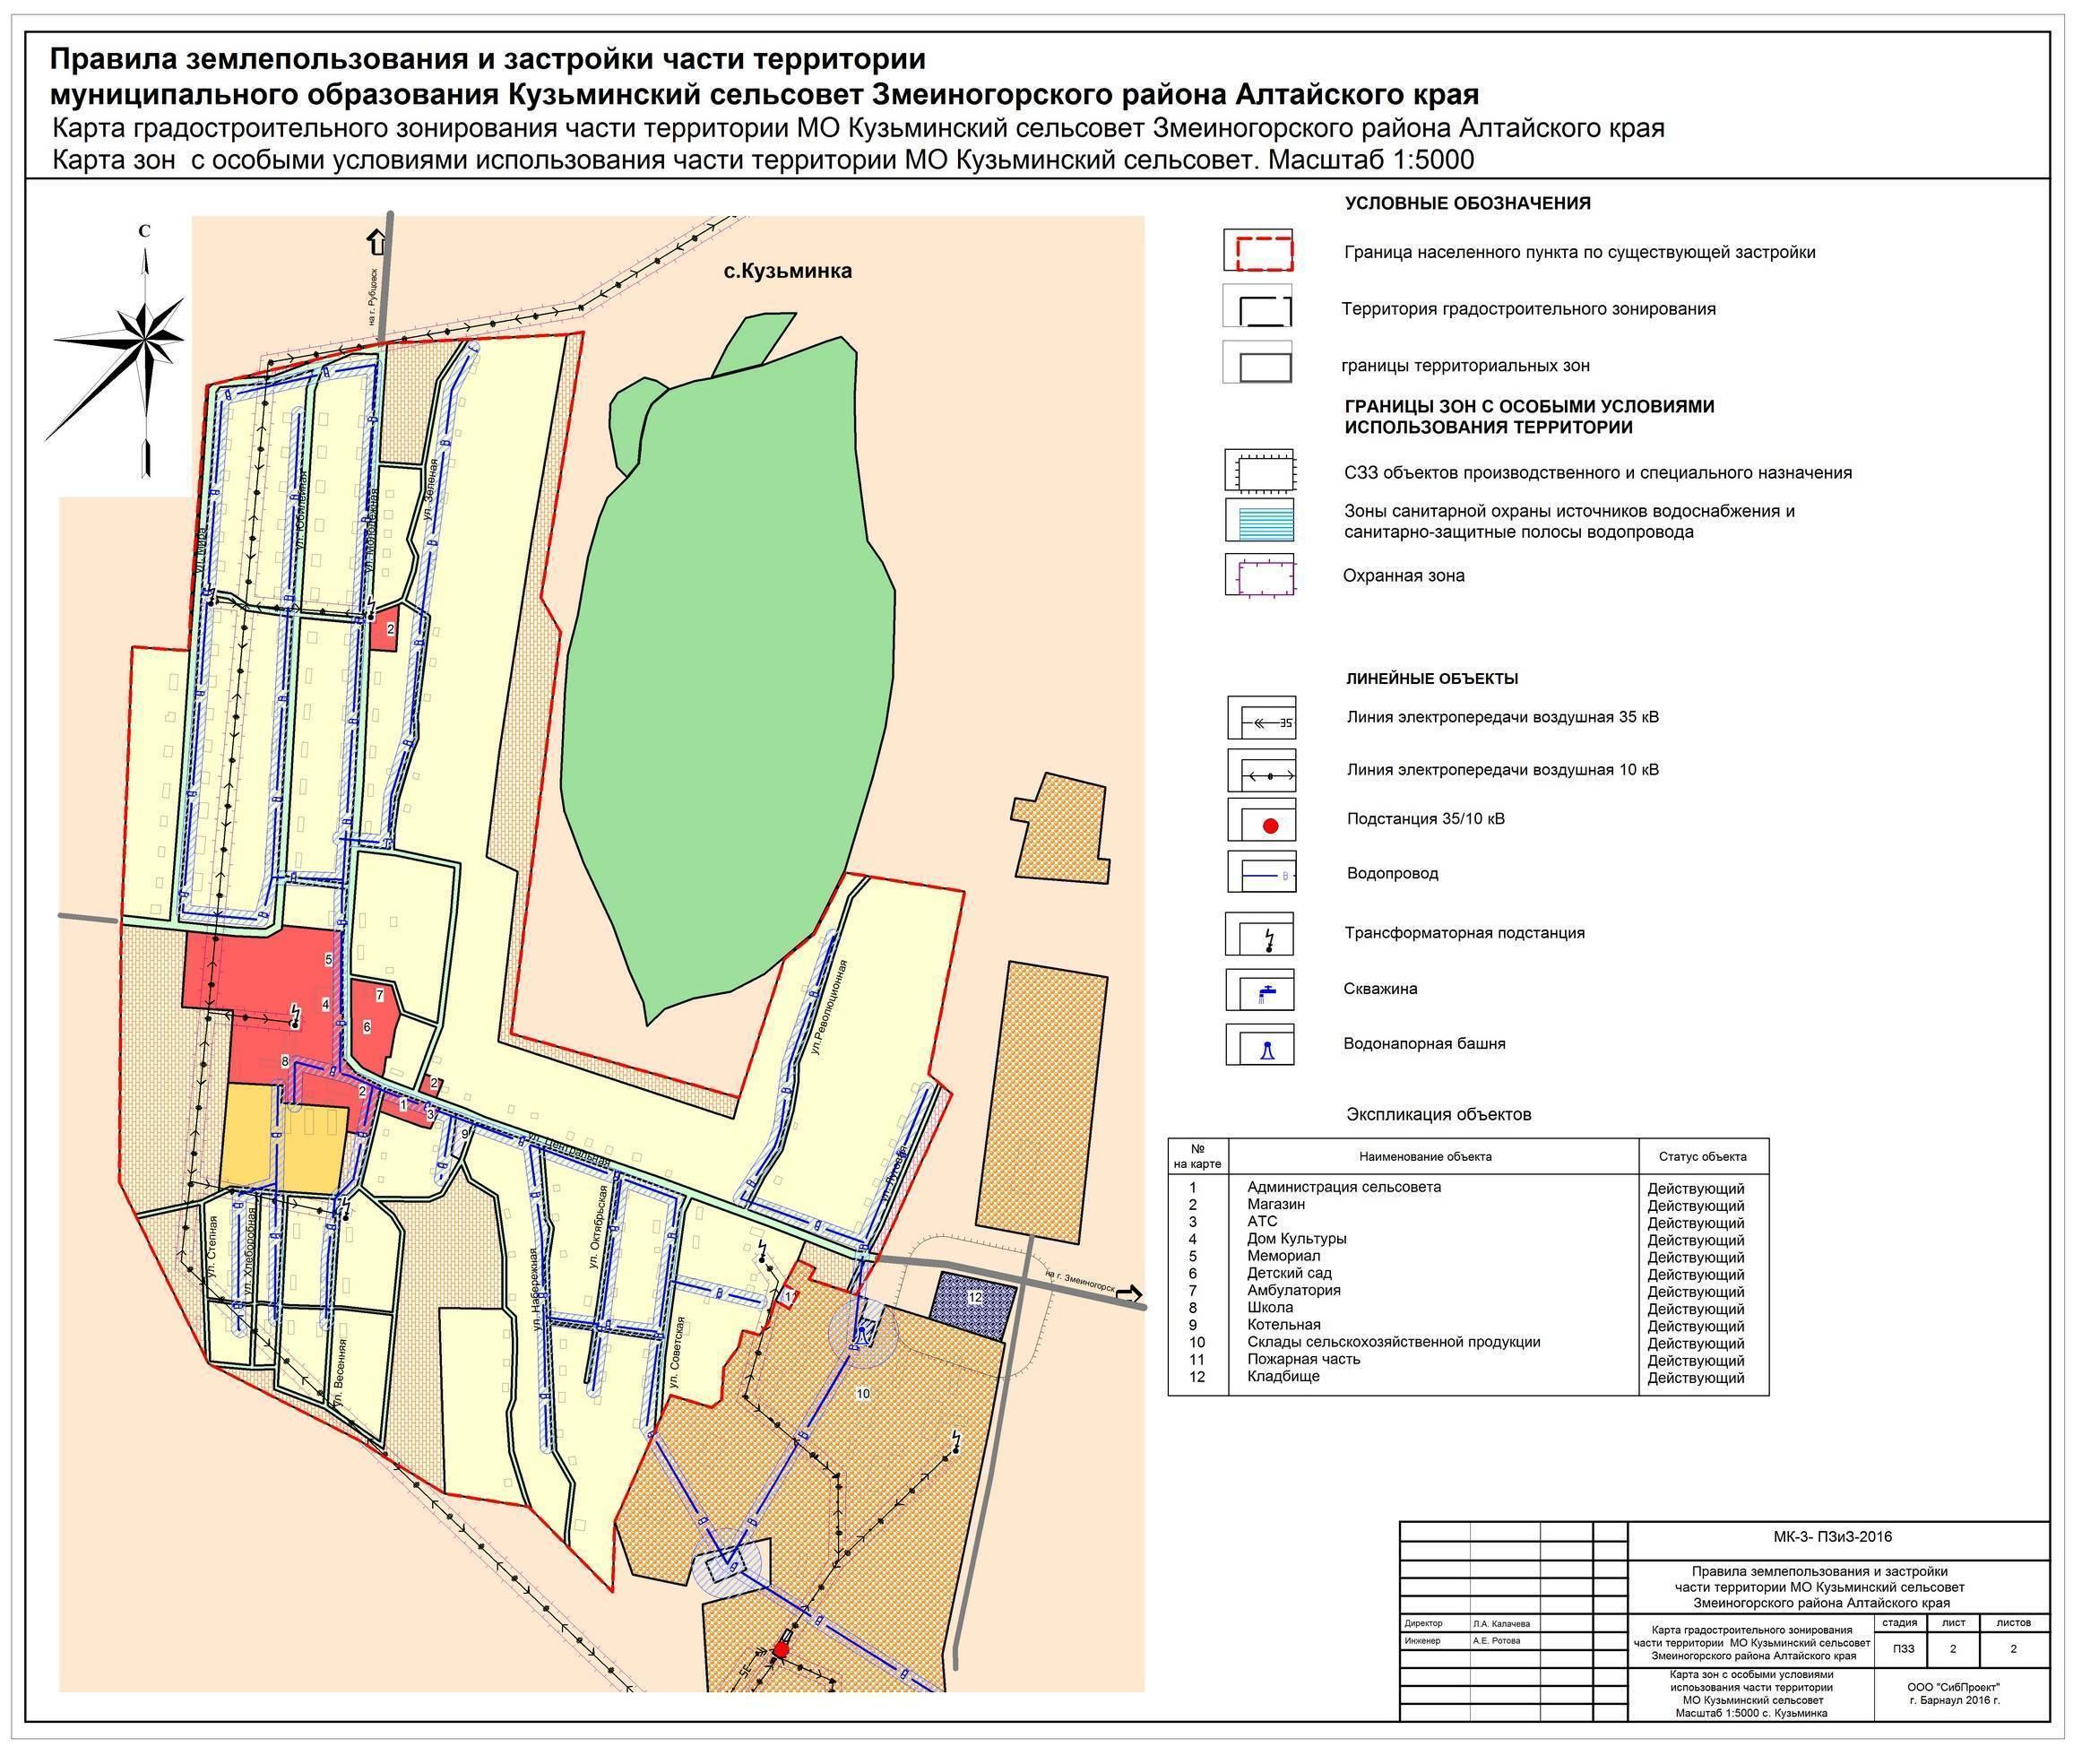 Охранная зона канализации: напорной, ливневой канализации в водоохранной зоне